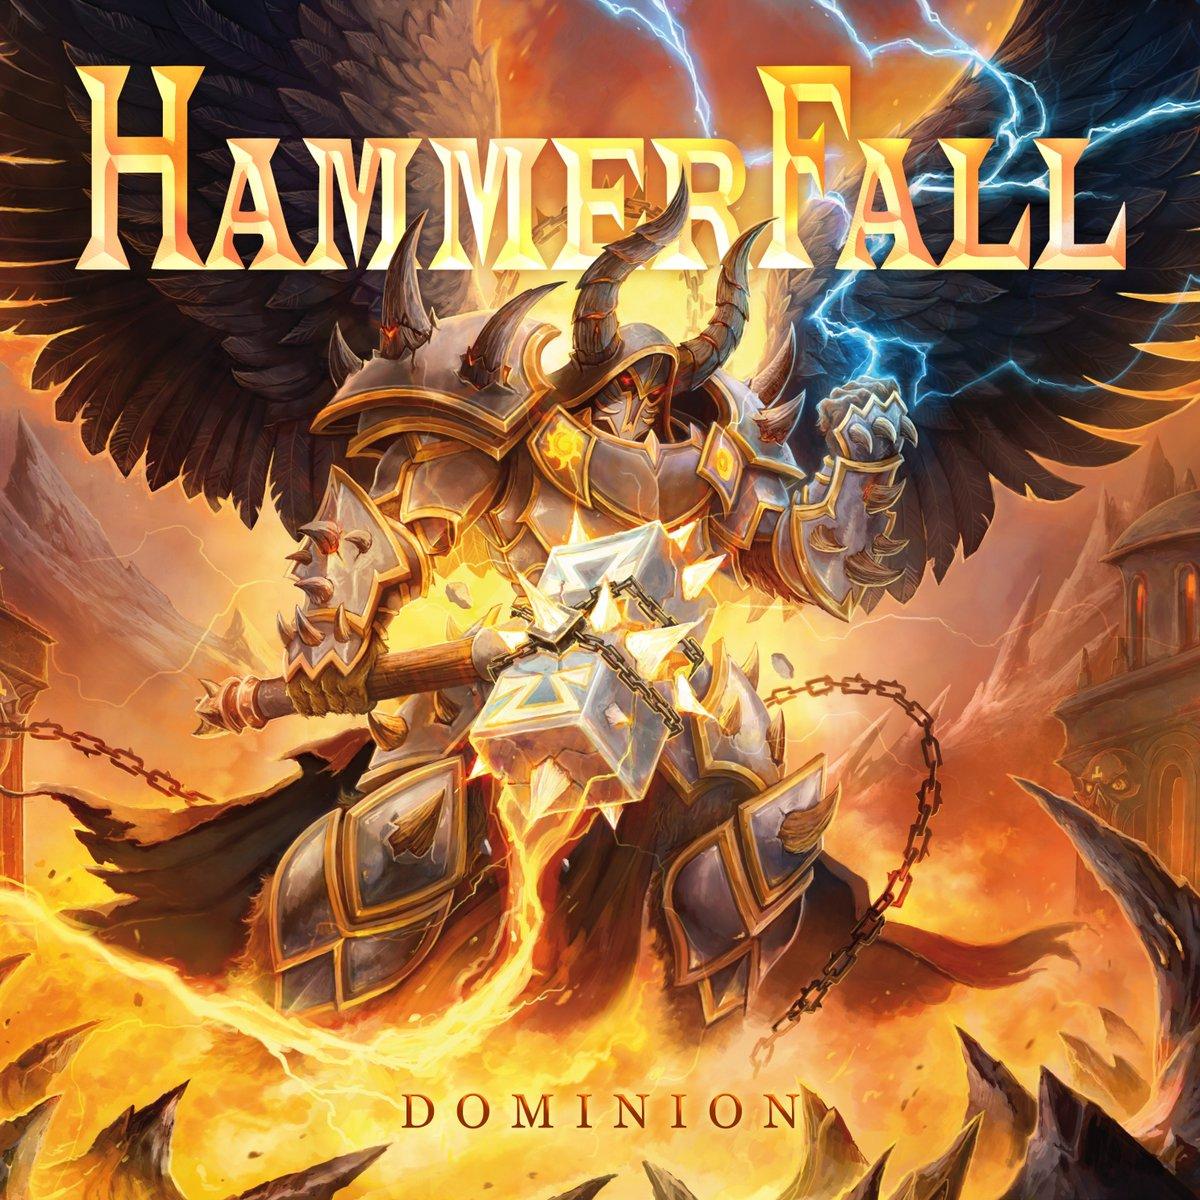 hammerfall00